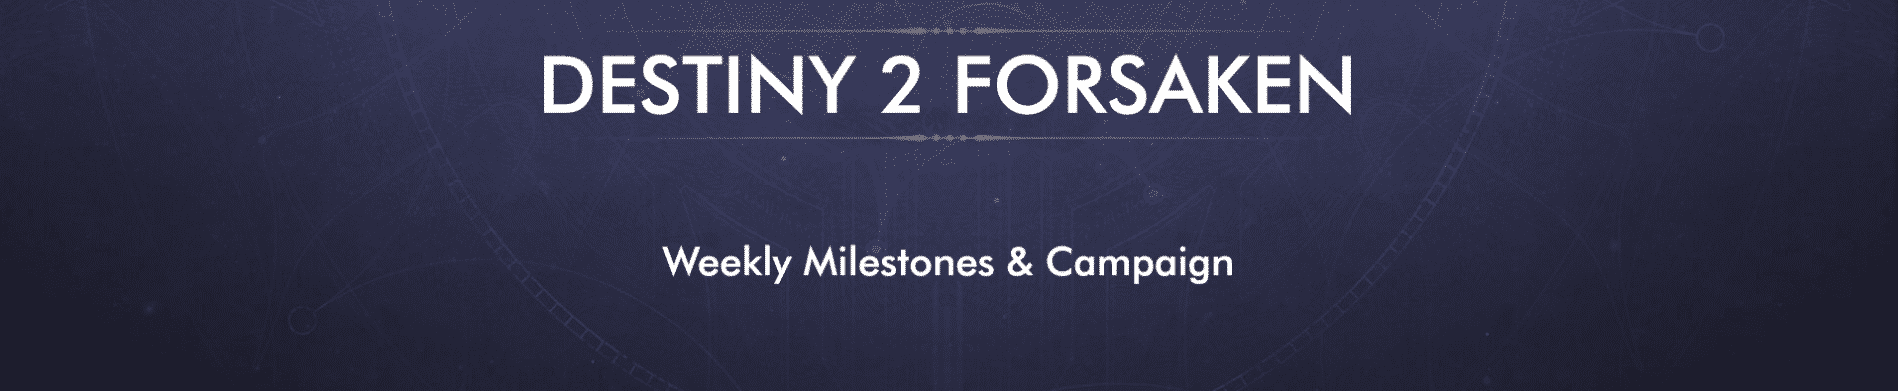 Destiny 2 Forsaken weekly milestones